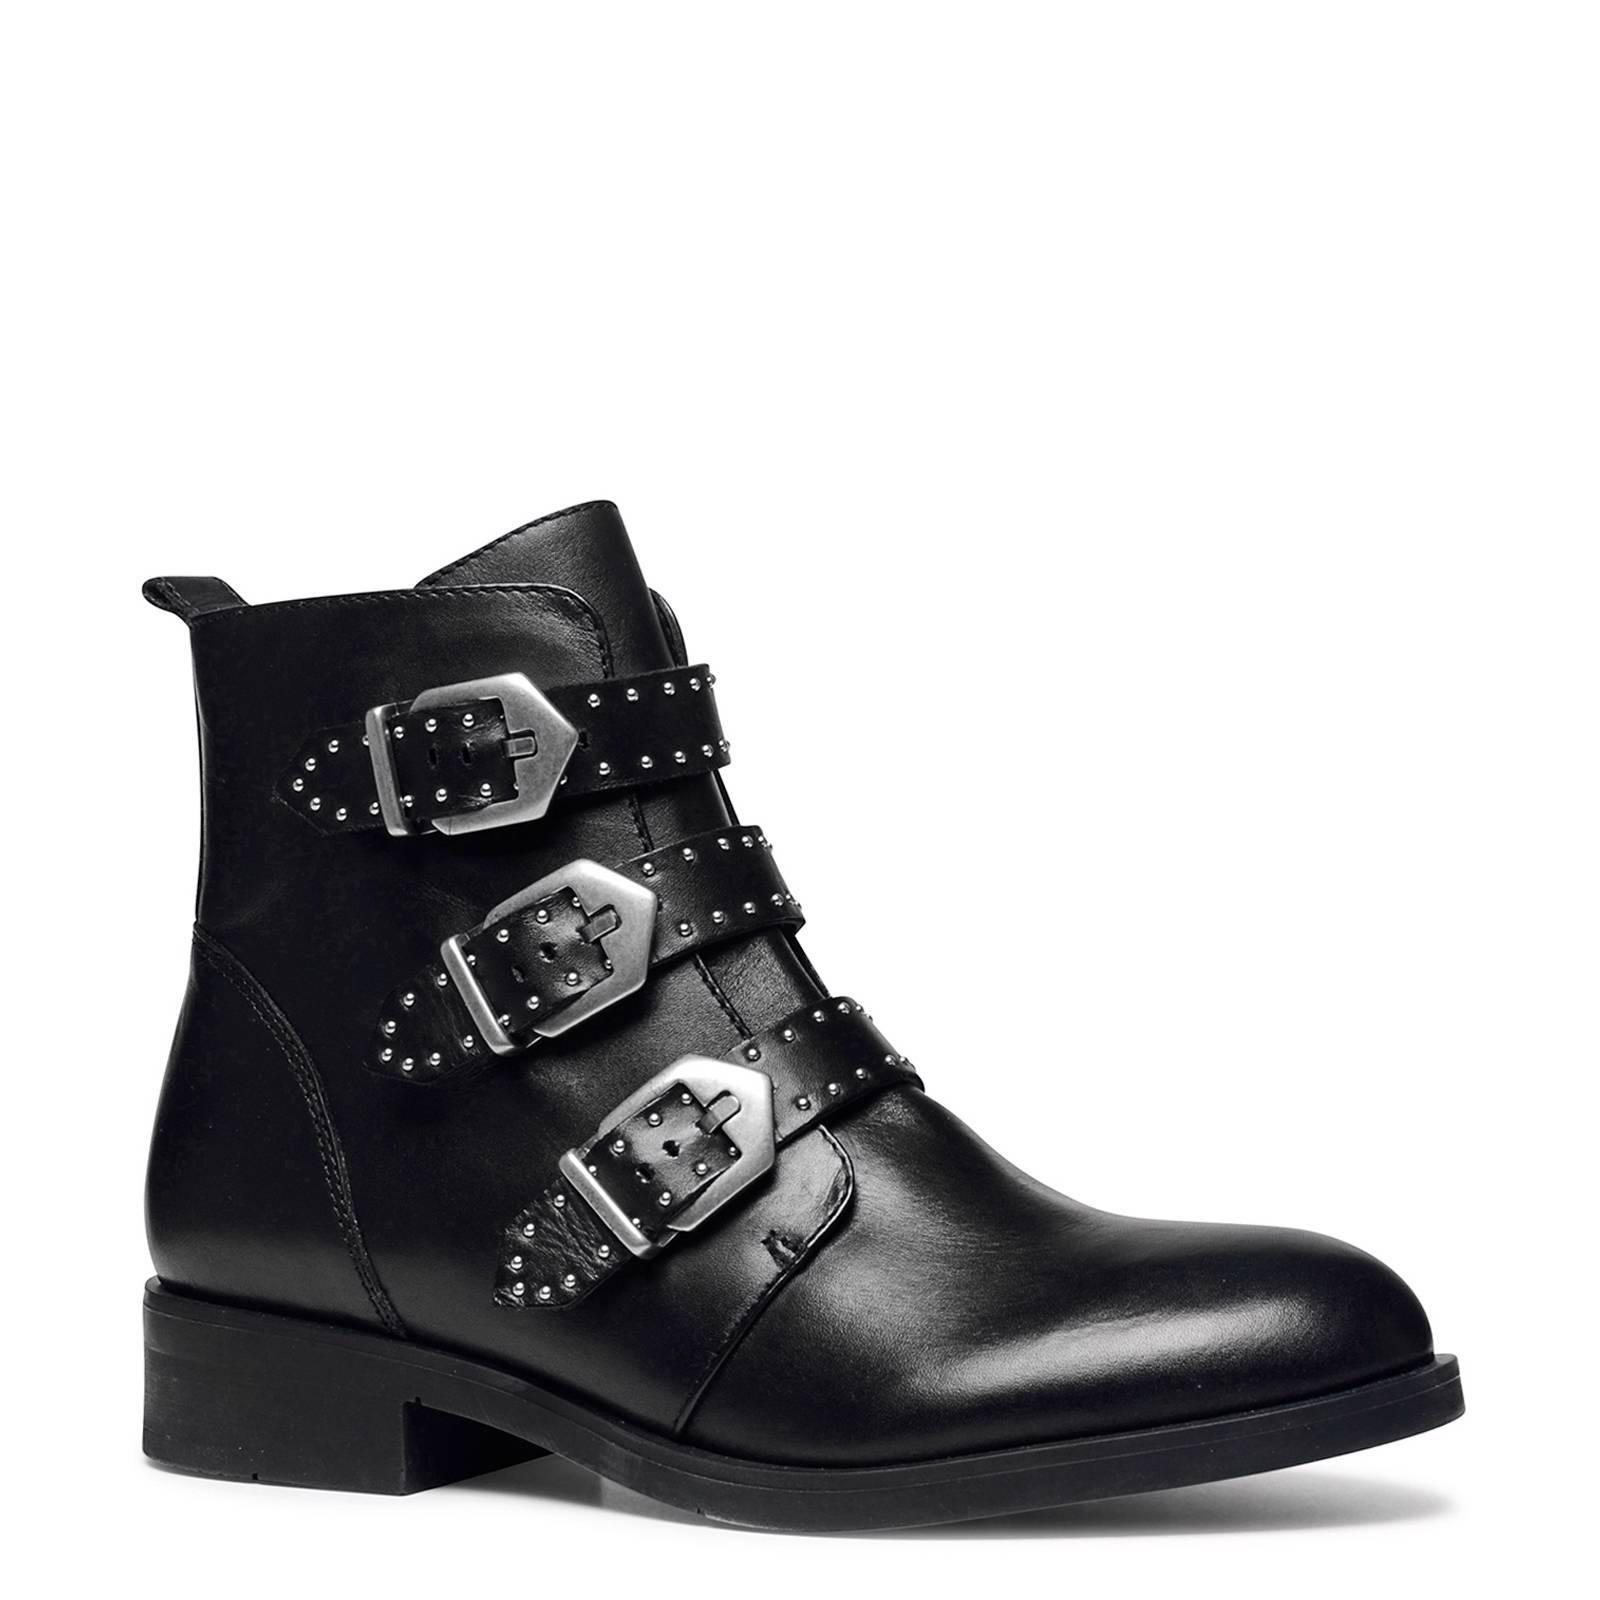 zwart leer ankle laarzen with studs